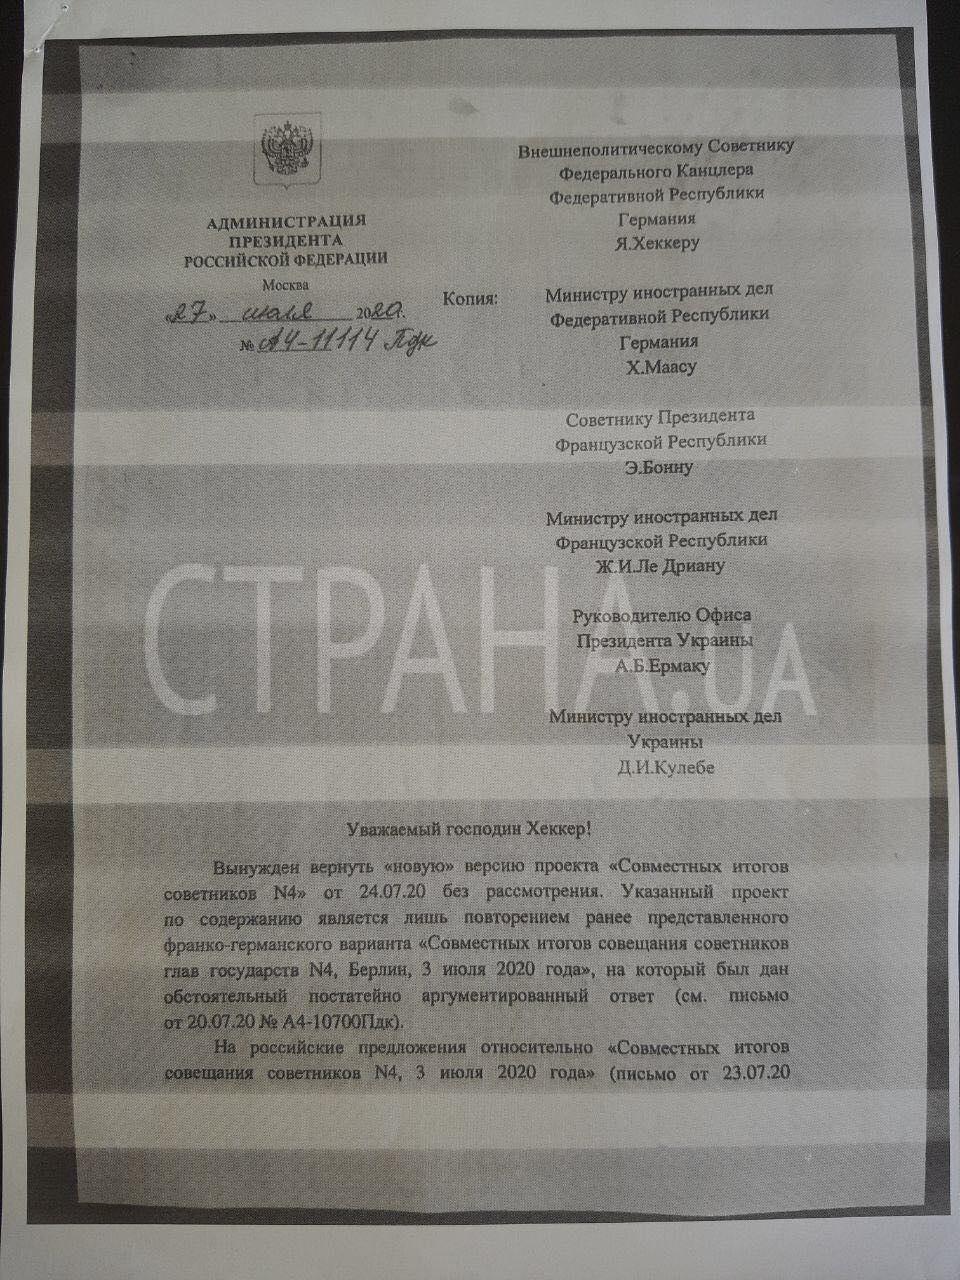 Козак заявил о выходе России из переговоров с Ермаком по Донбассу, фото-1